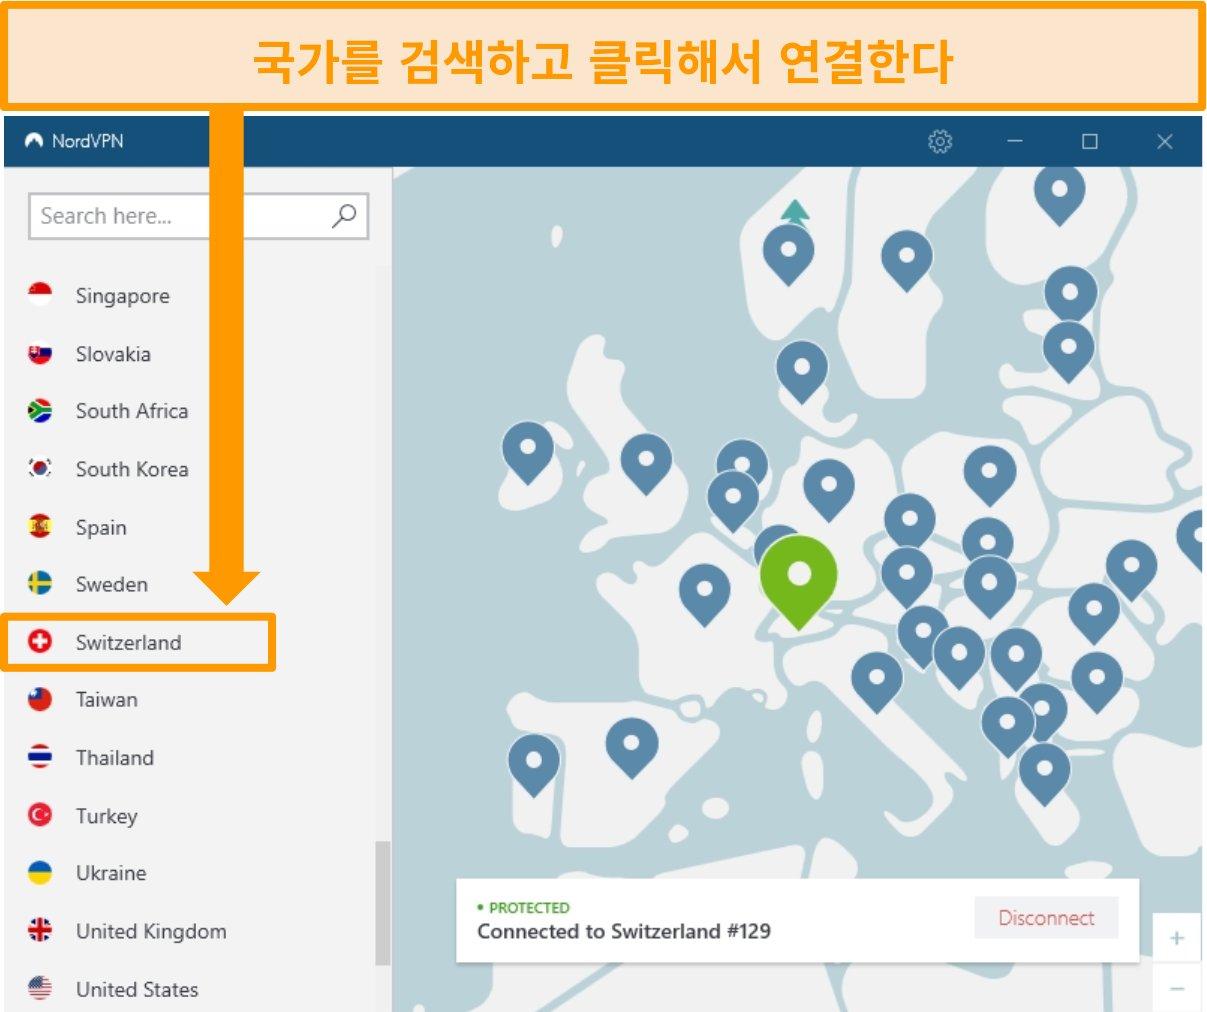 스위스 서버에 연결된 NordVPN Windows 앱의 스크린 샷